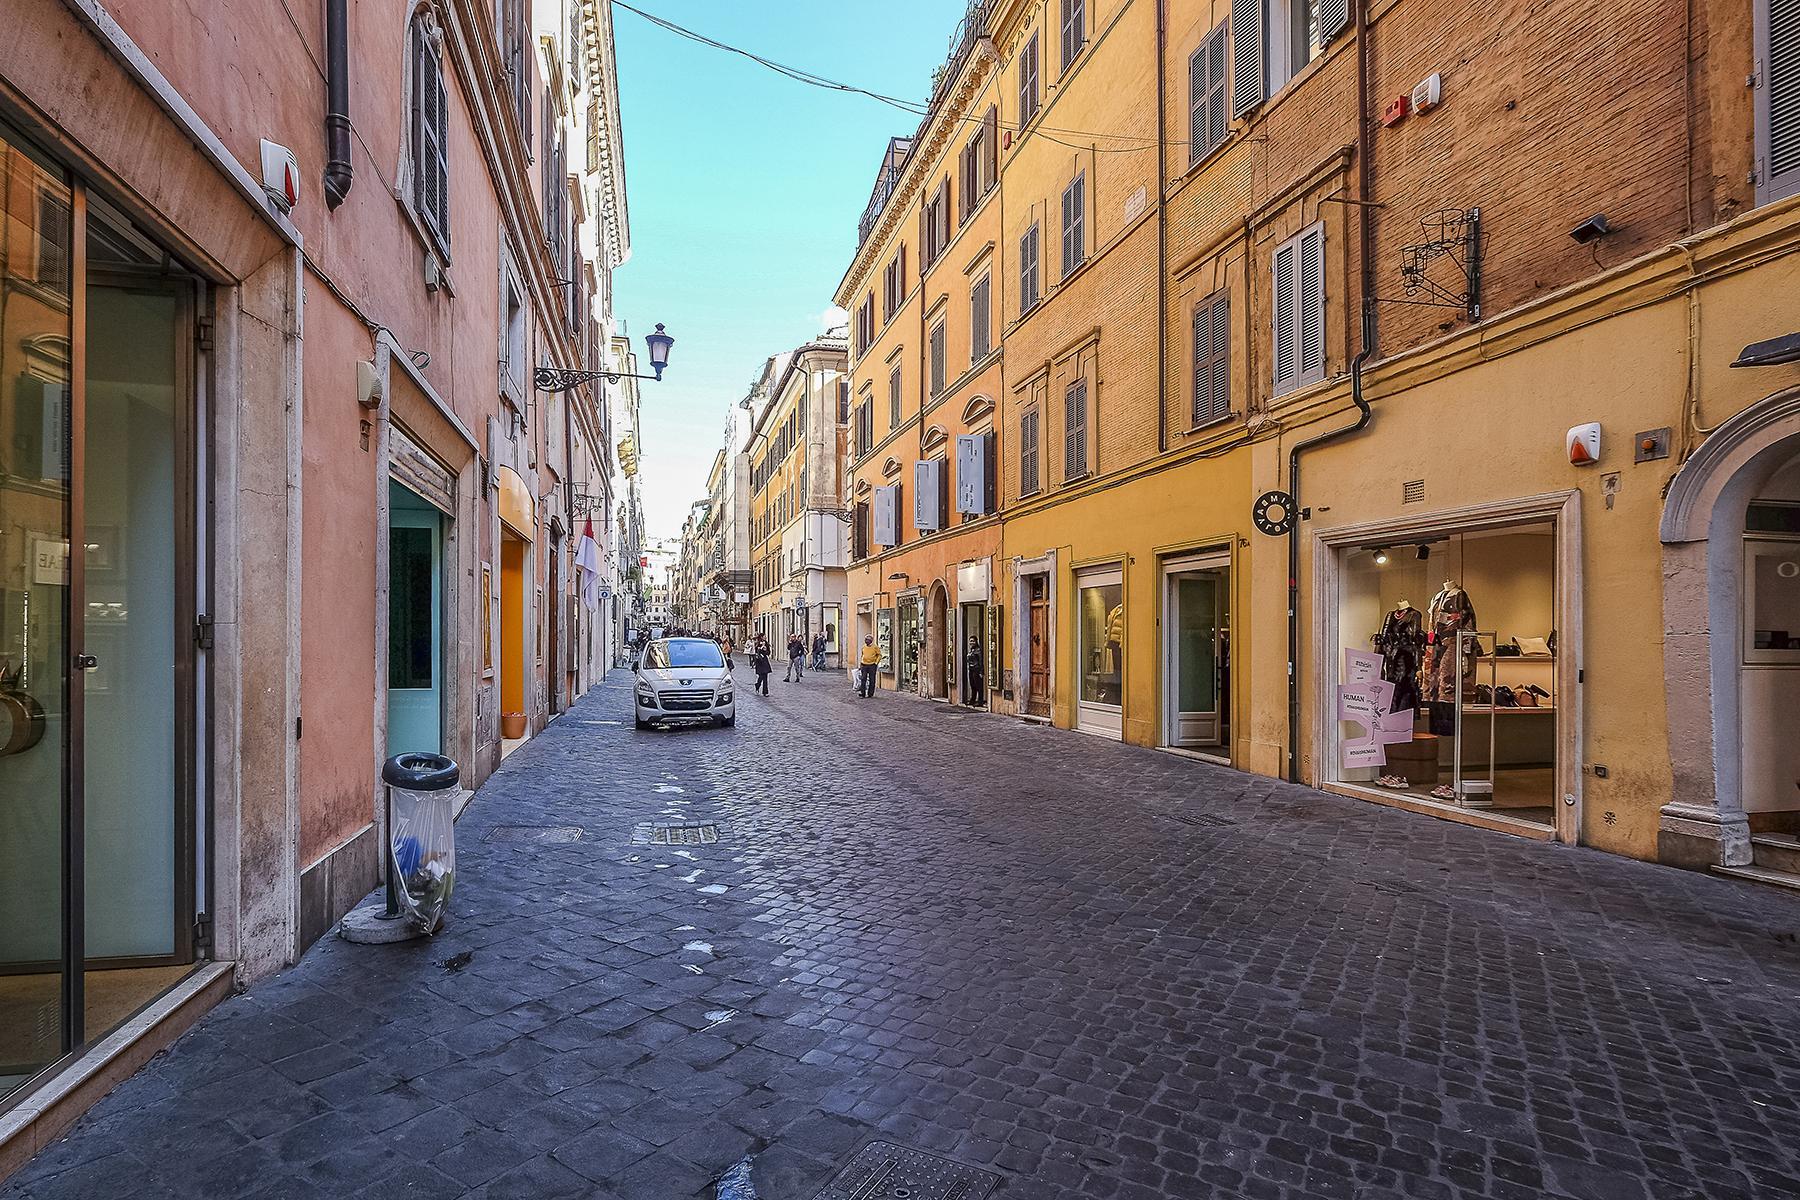 Negozio in affitto nell'esclusiva via Frattina - 13